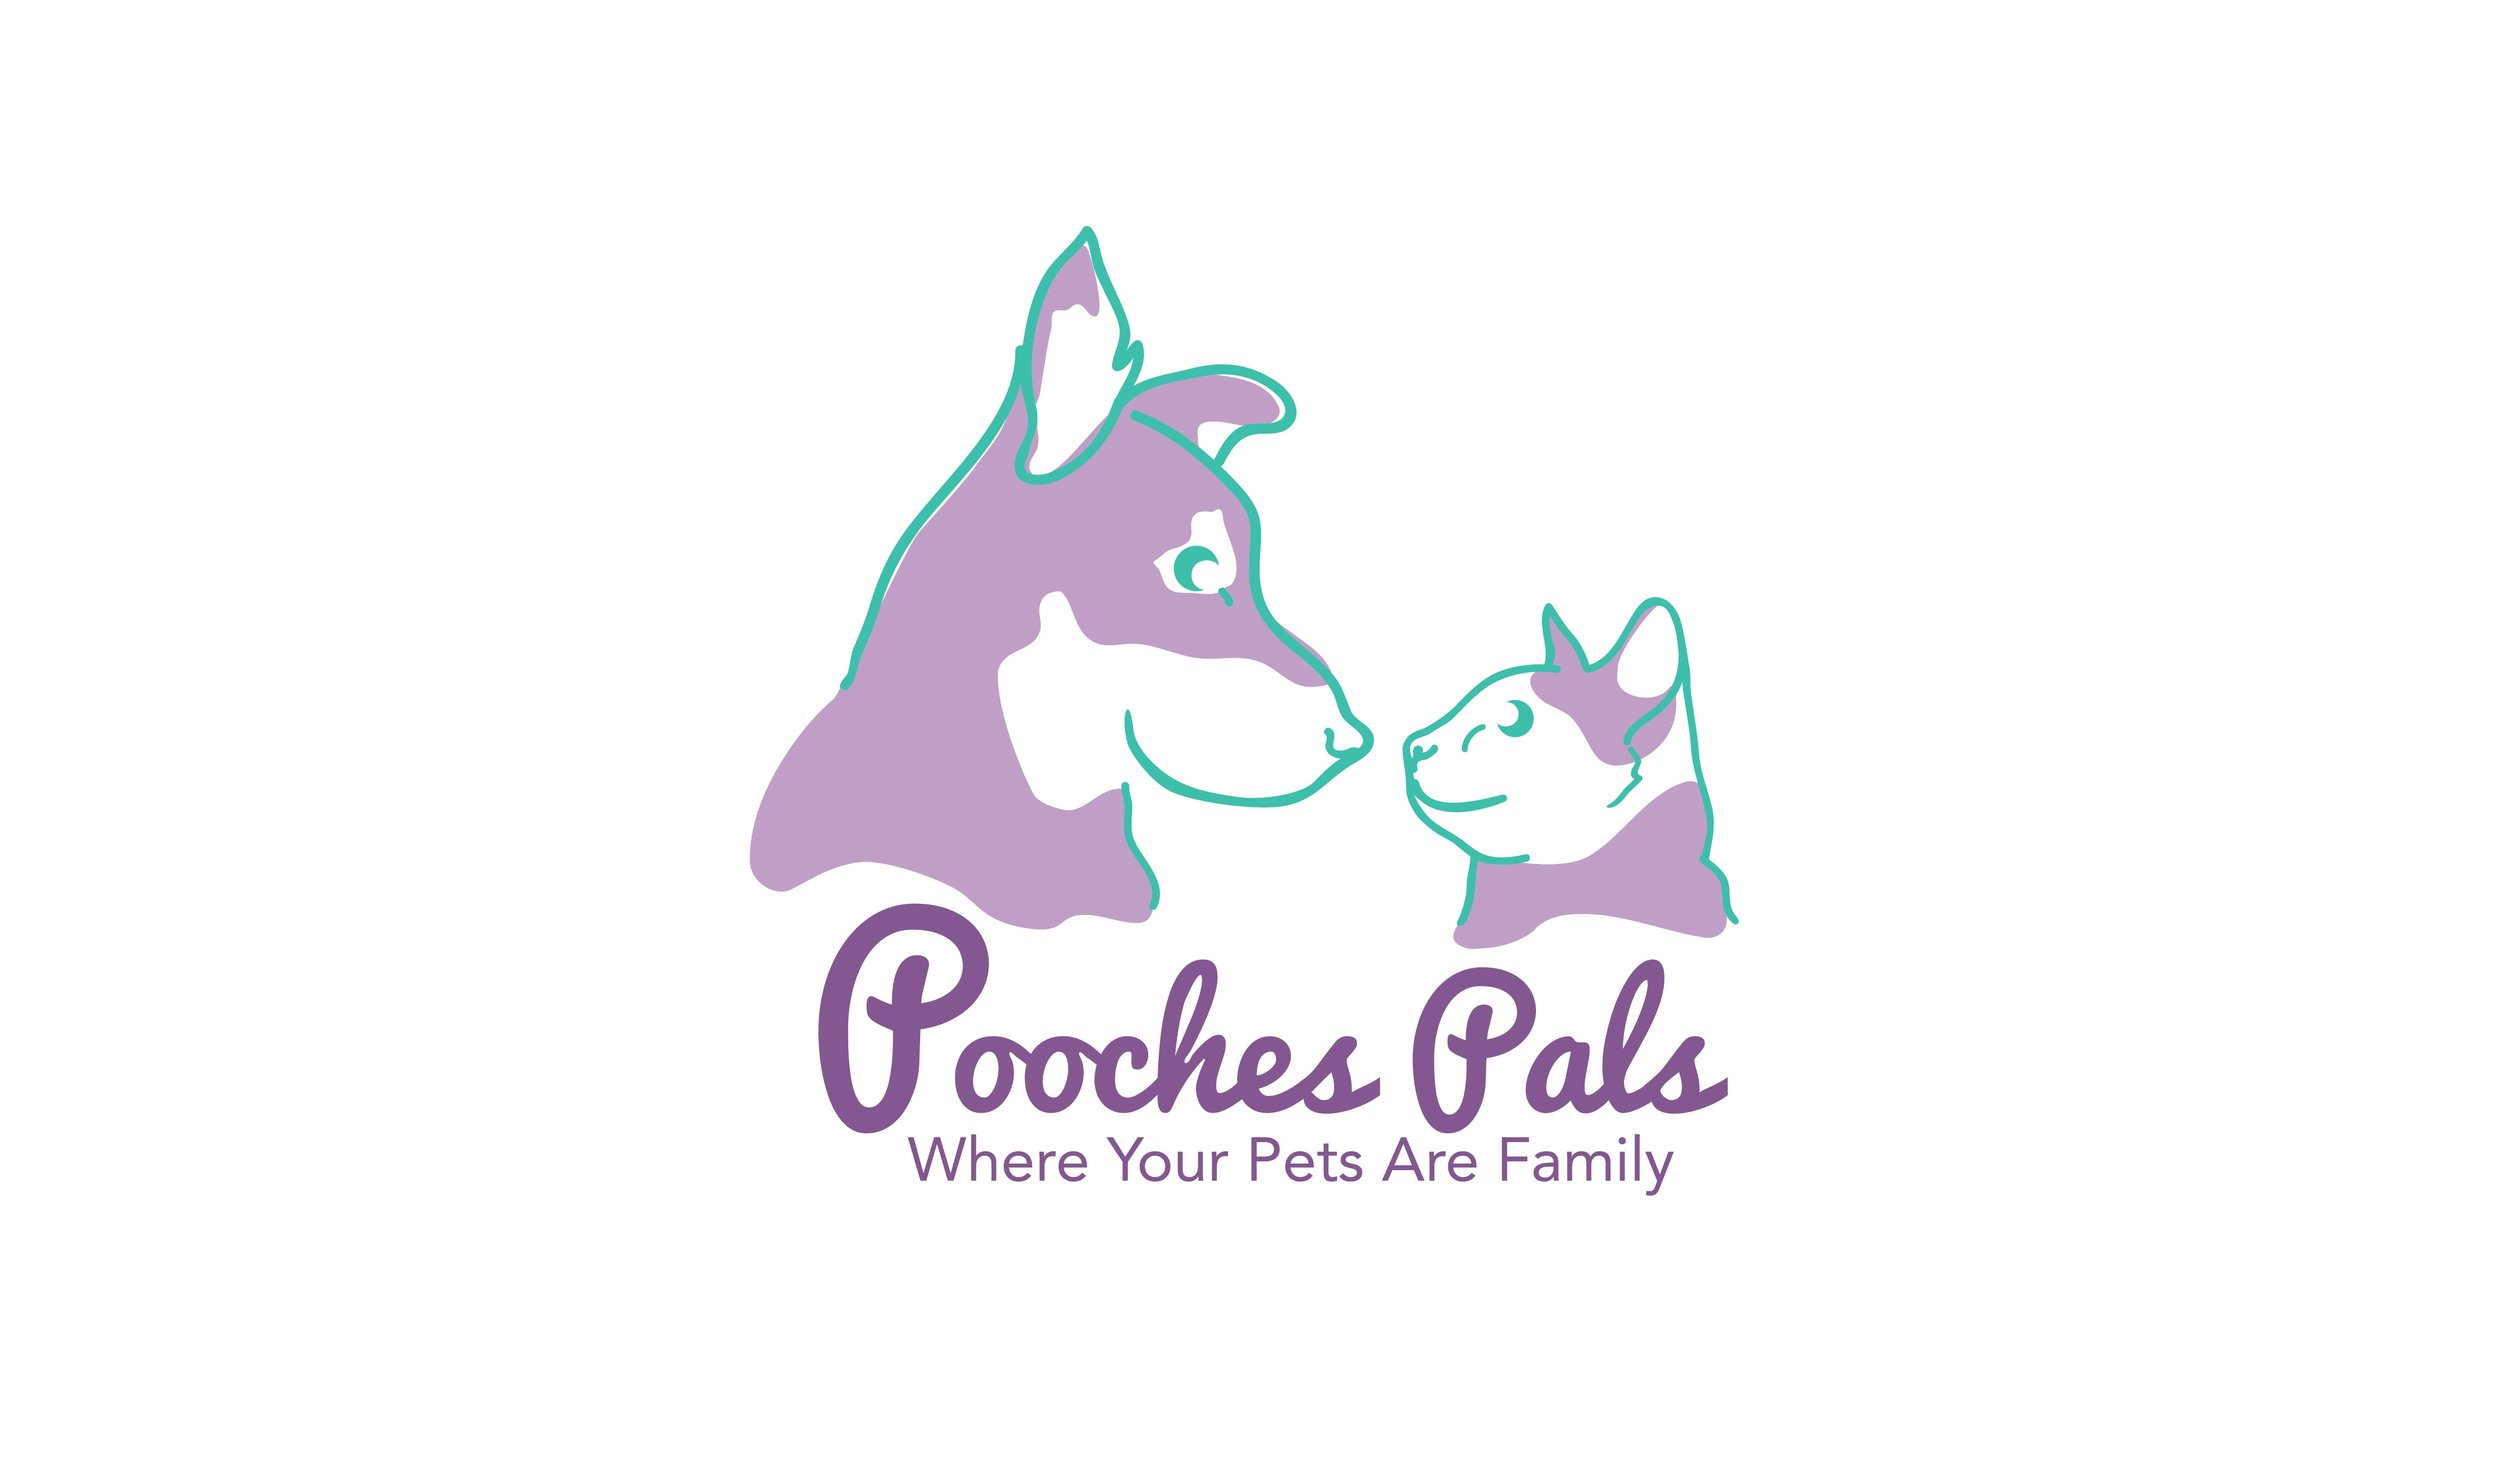 PoochesPal-for-website.jpg